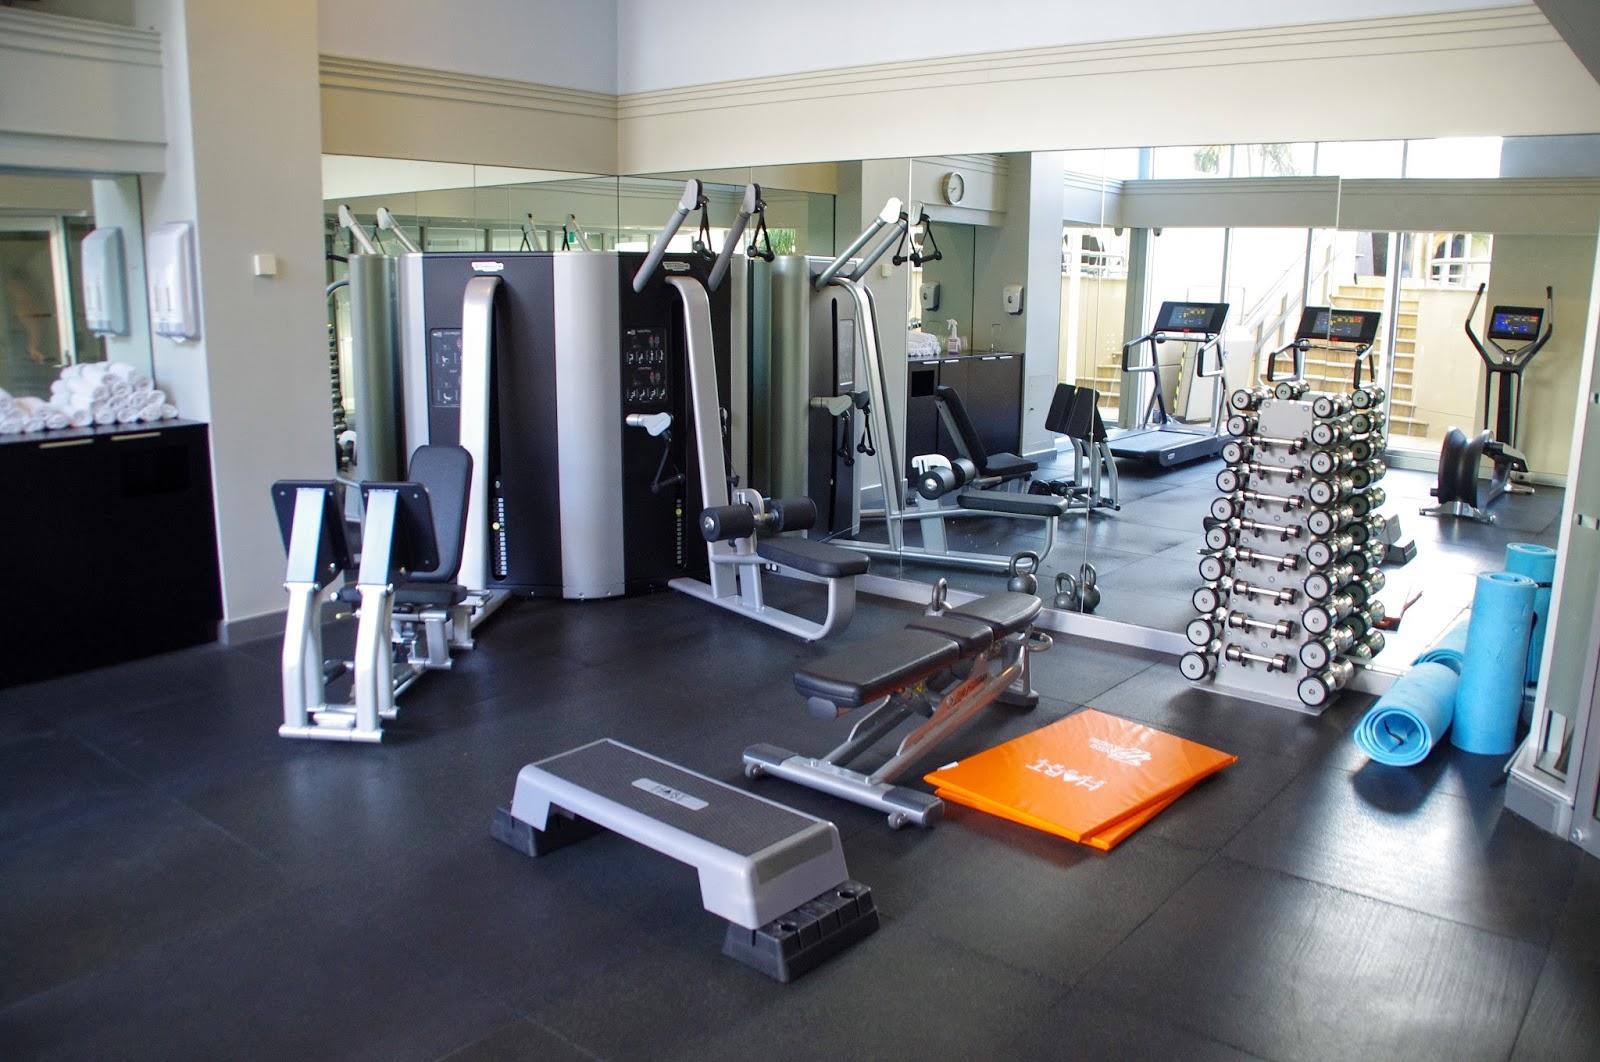 Gym at swissotel Sydney